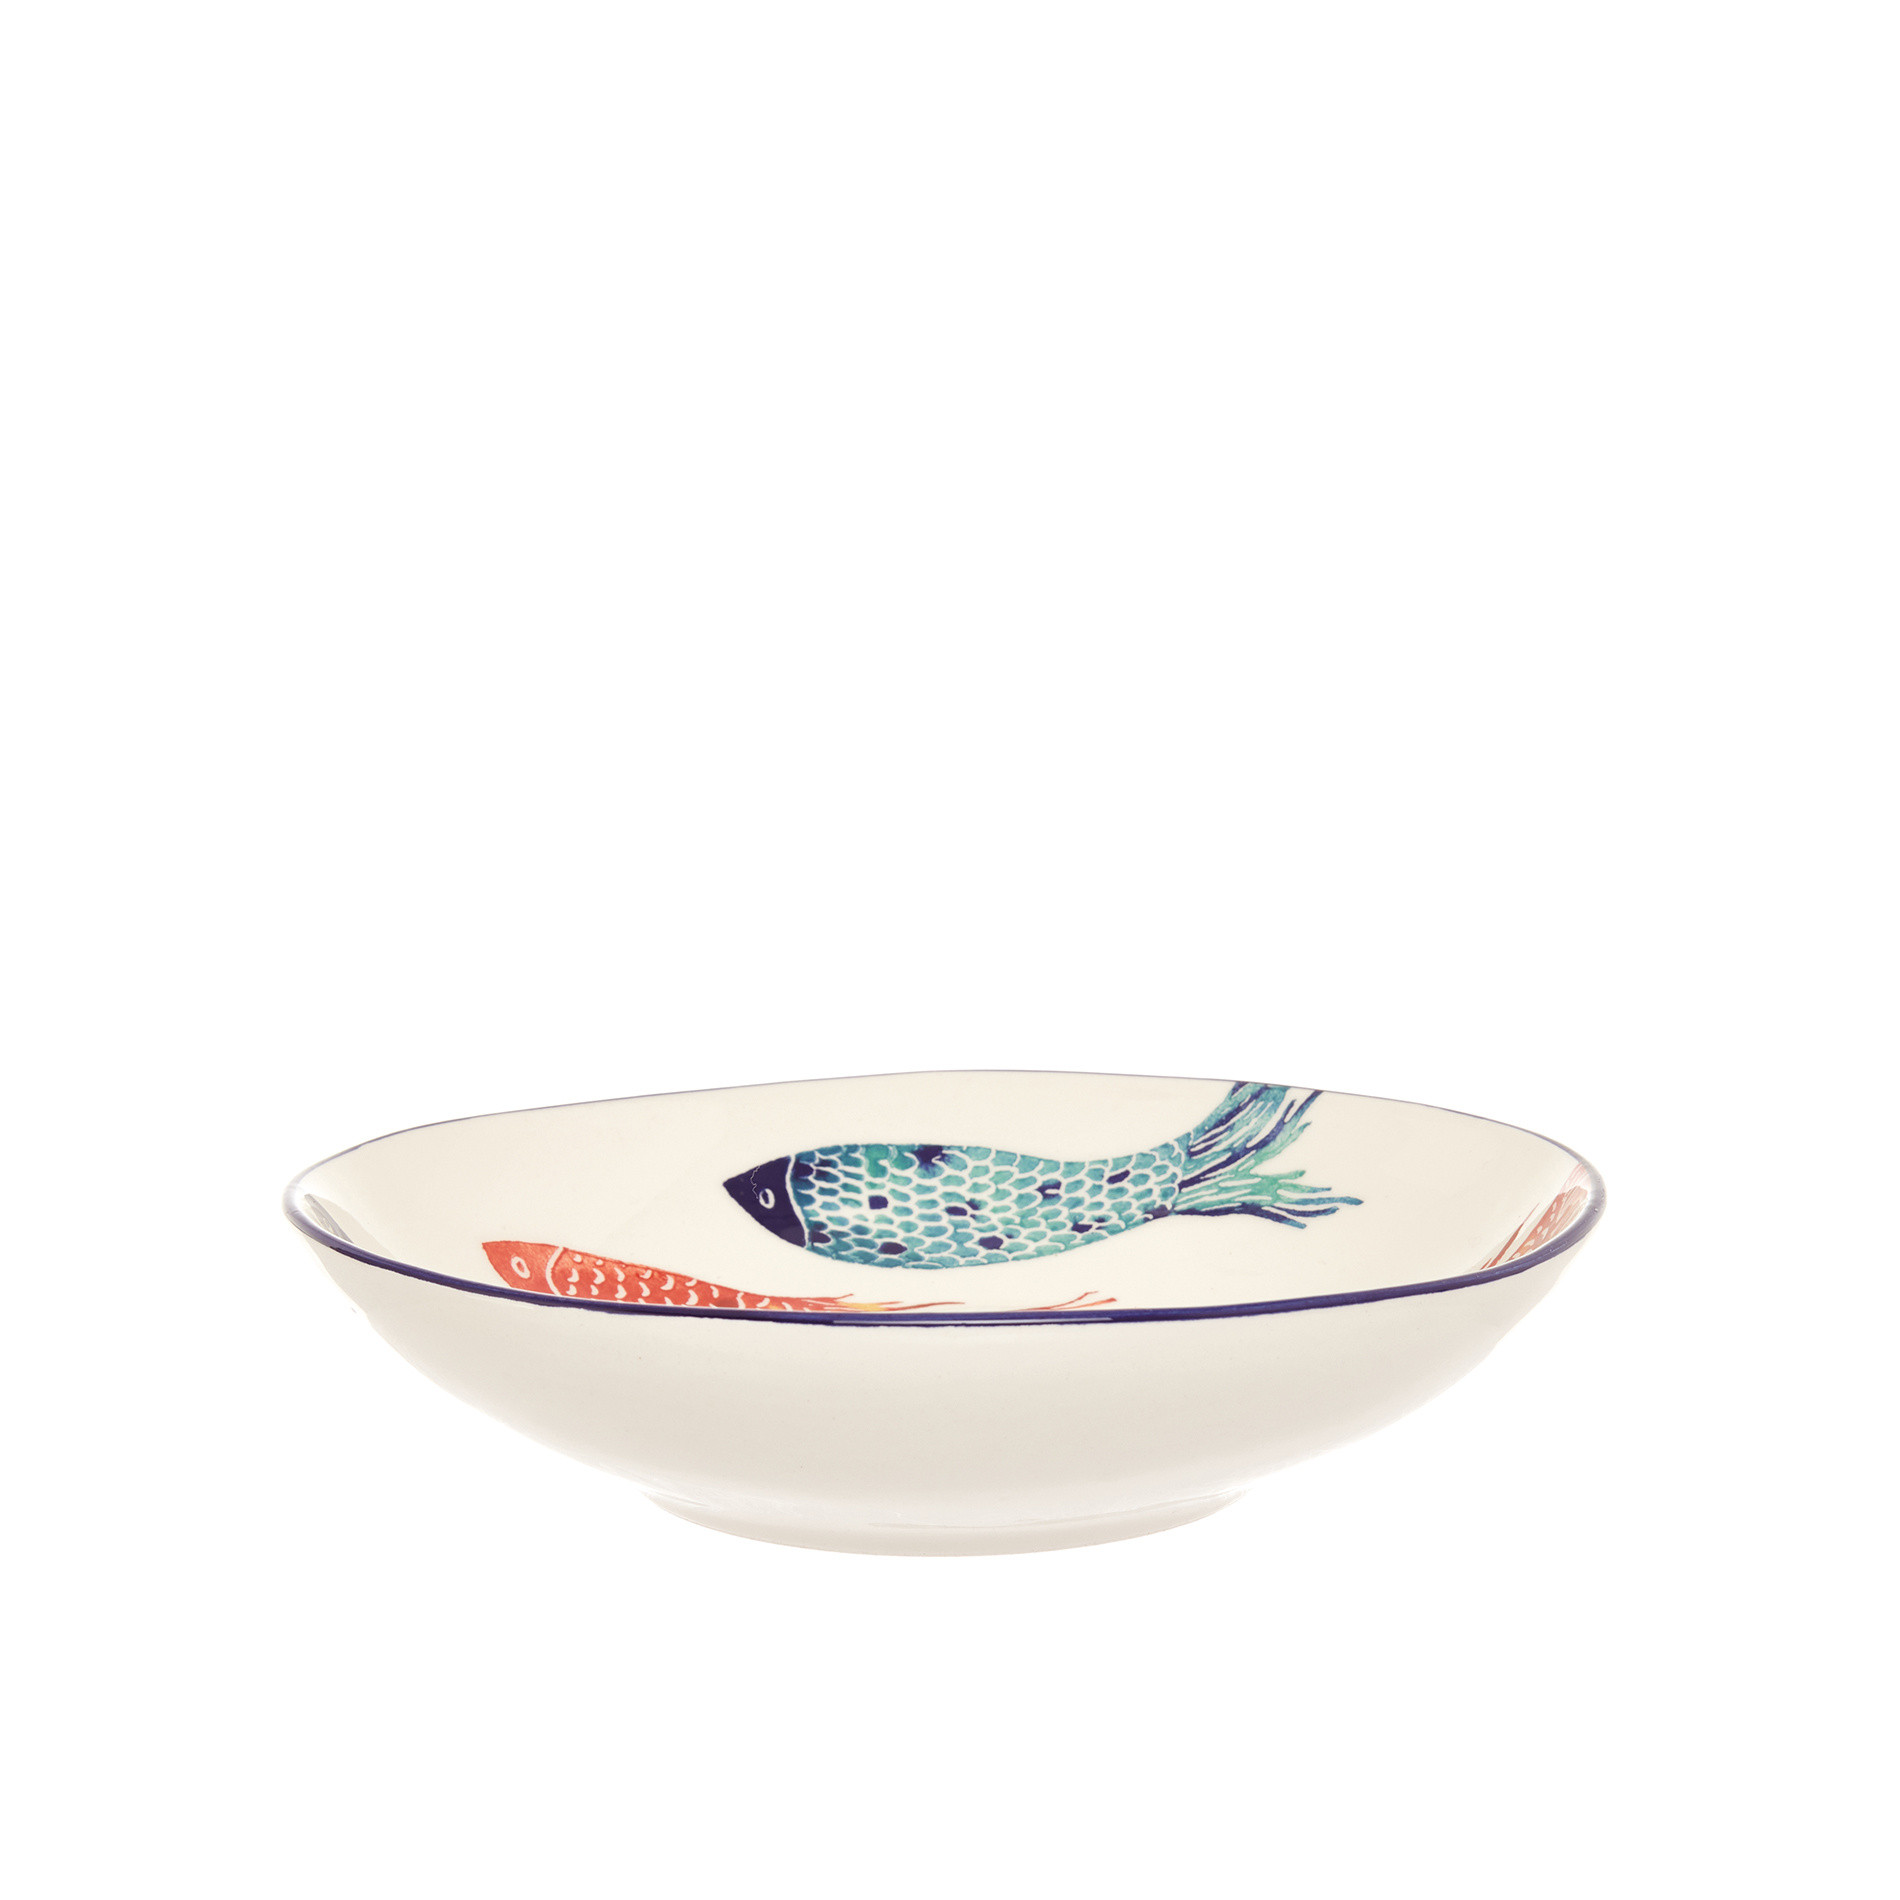 Piatto fondo ceramica decoro pesci, Bianco/Multicolor, large image number 0